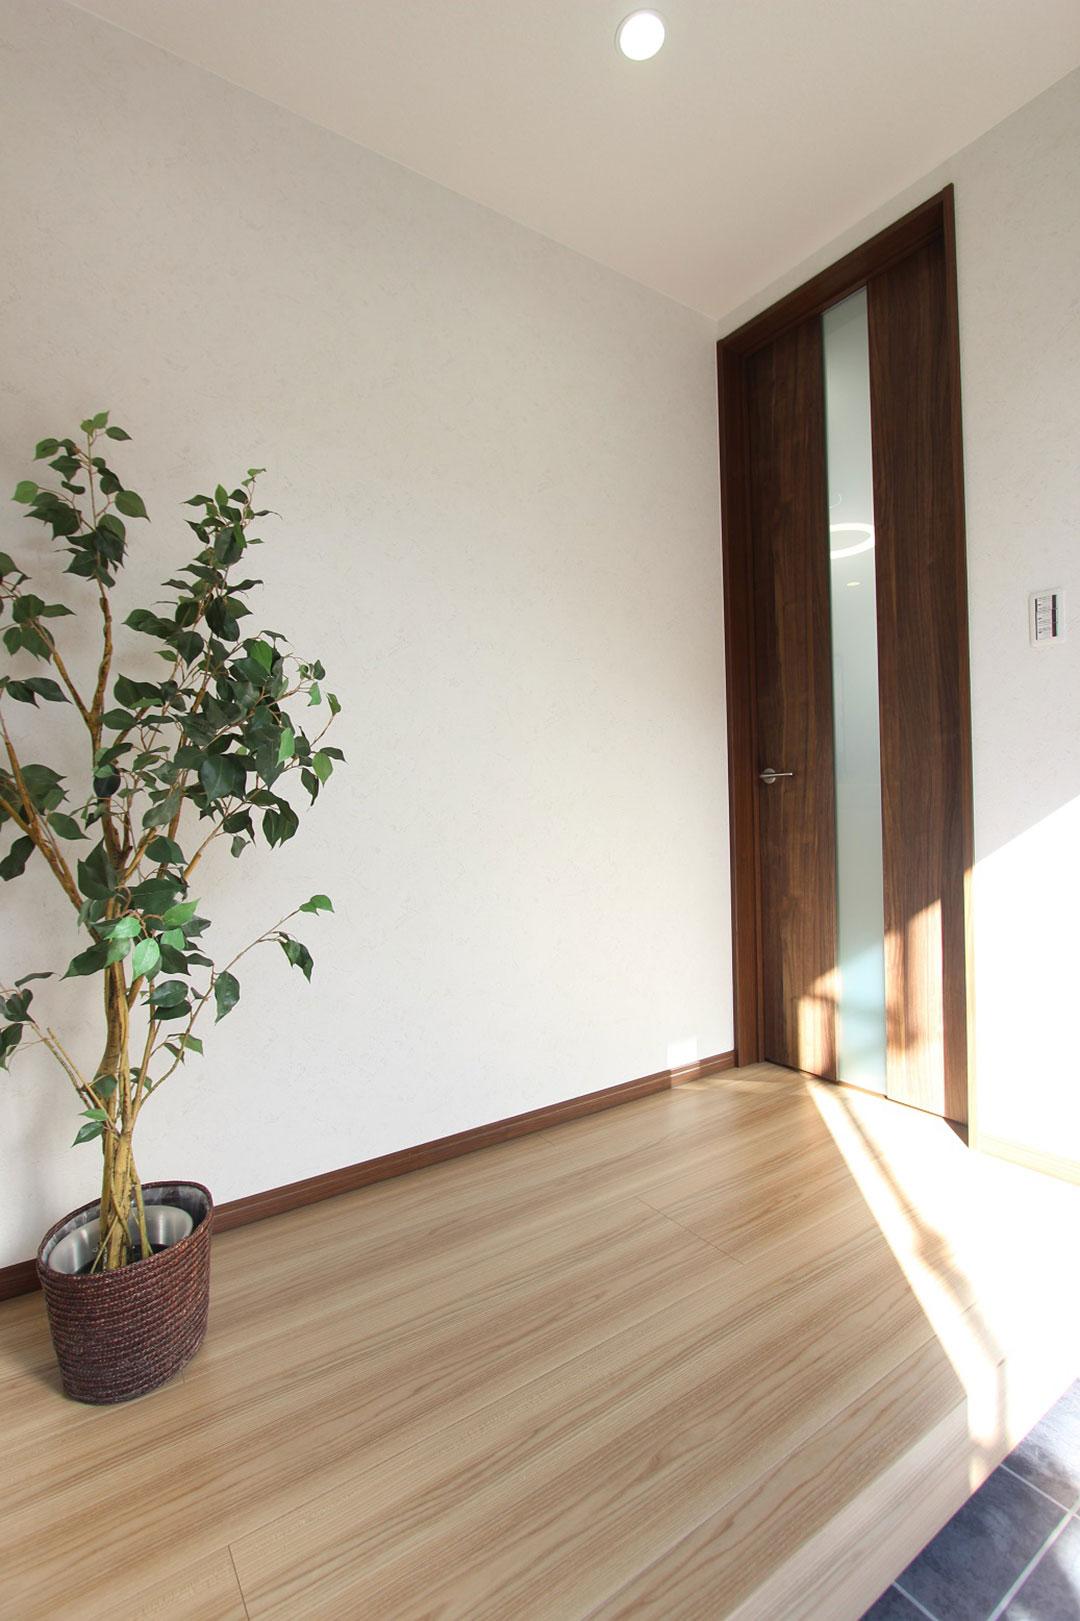 アスカーサ楠葉野田Ⅰ 玄関ホールの柔らかい木目